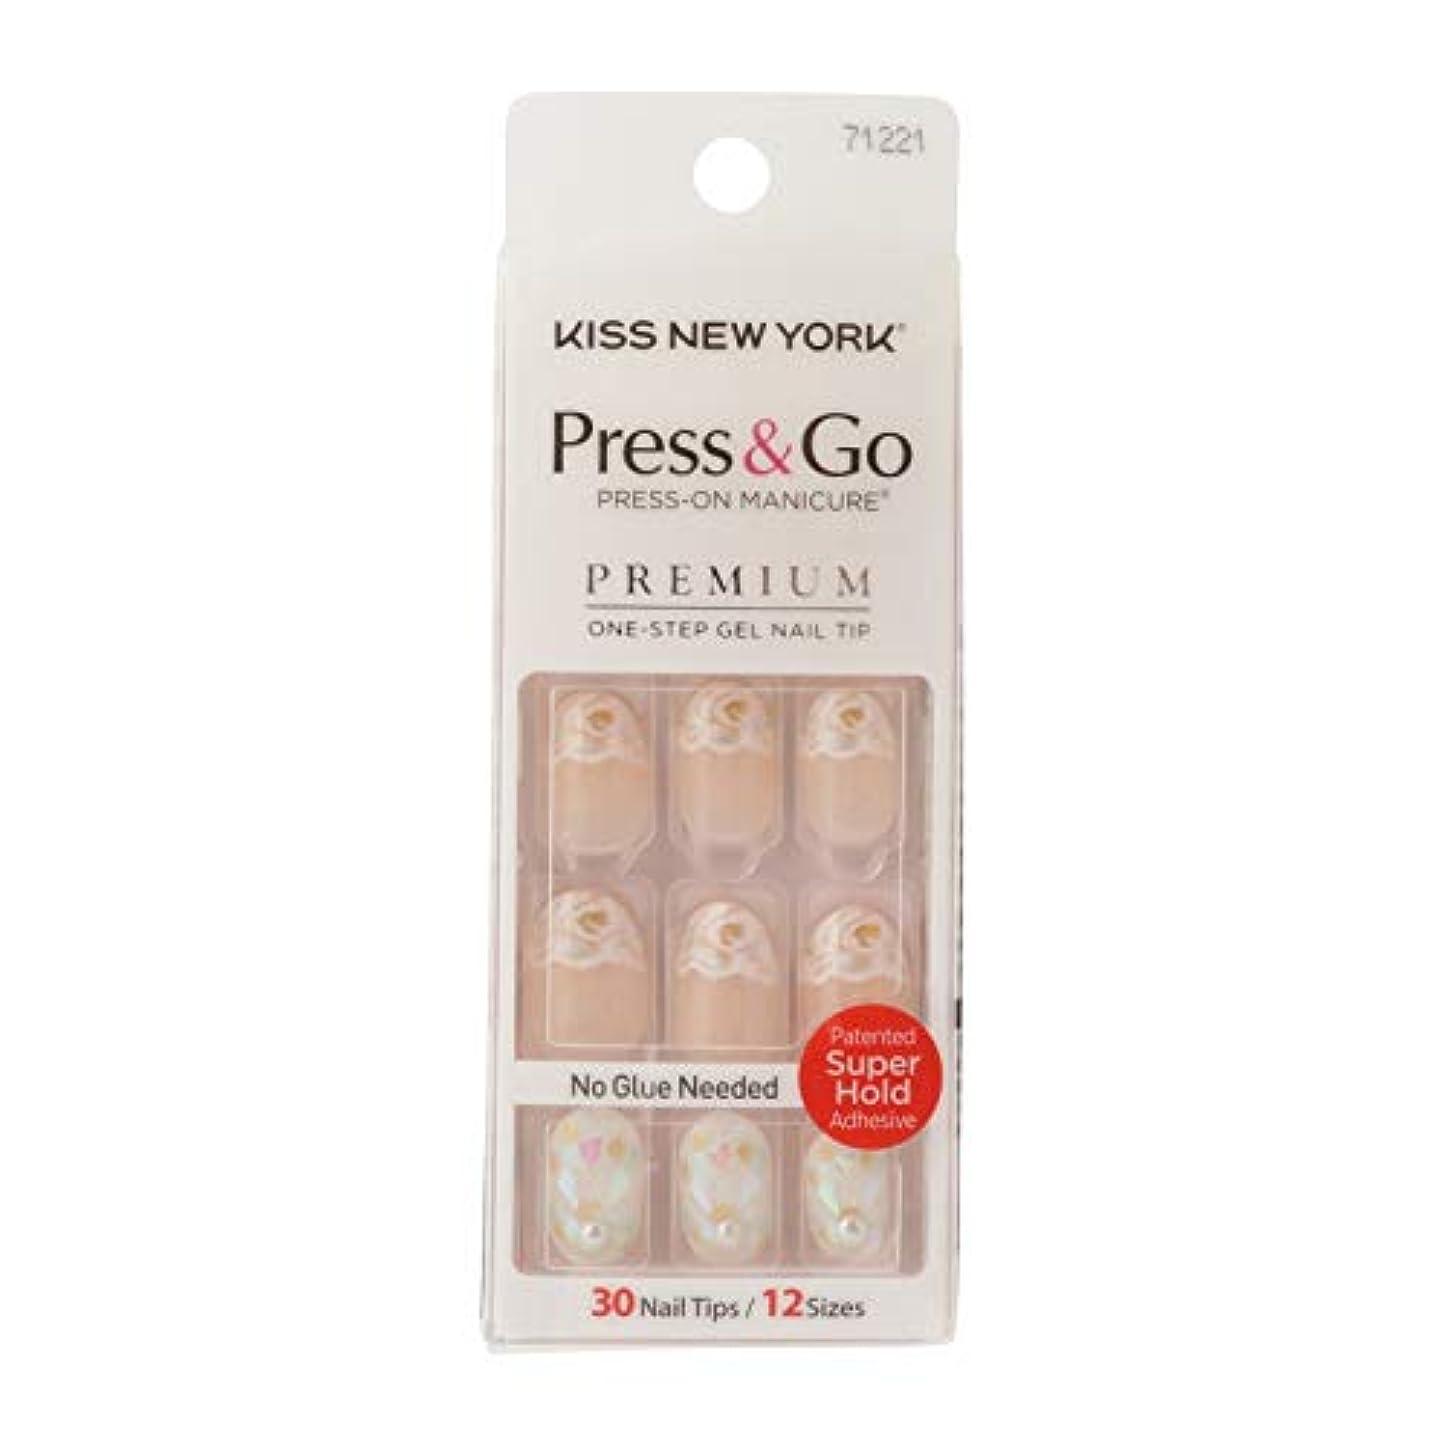 力強い占める姉妹キスニューヨーク (KISS NEW YORK) KISS NEWYORK ネイルチップPress&Go BHJ31J 19g